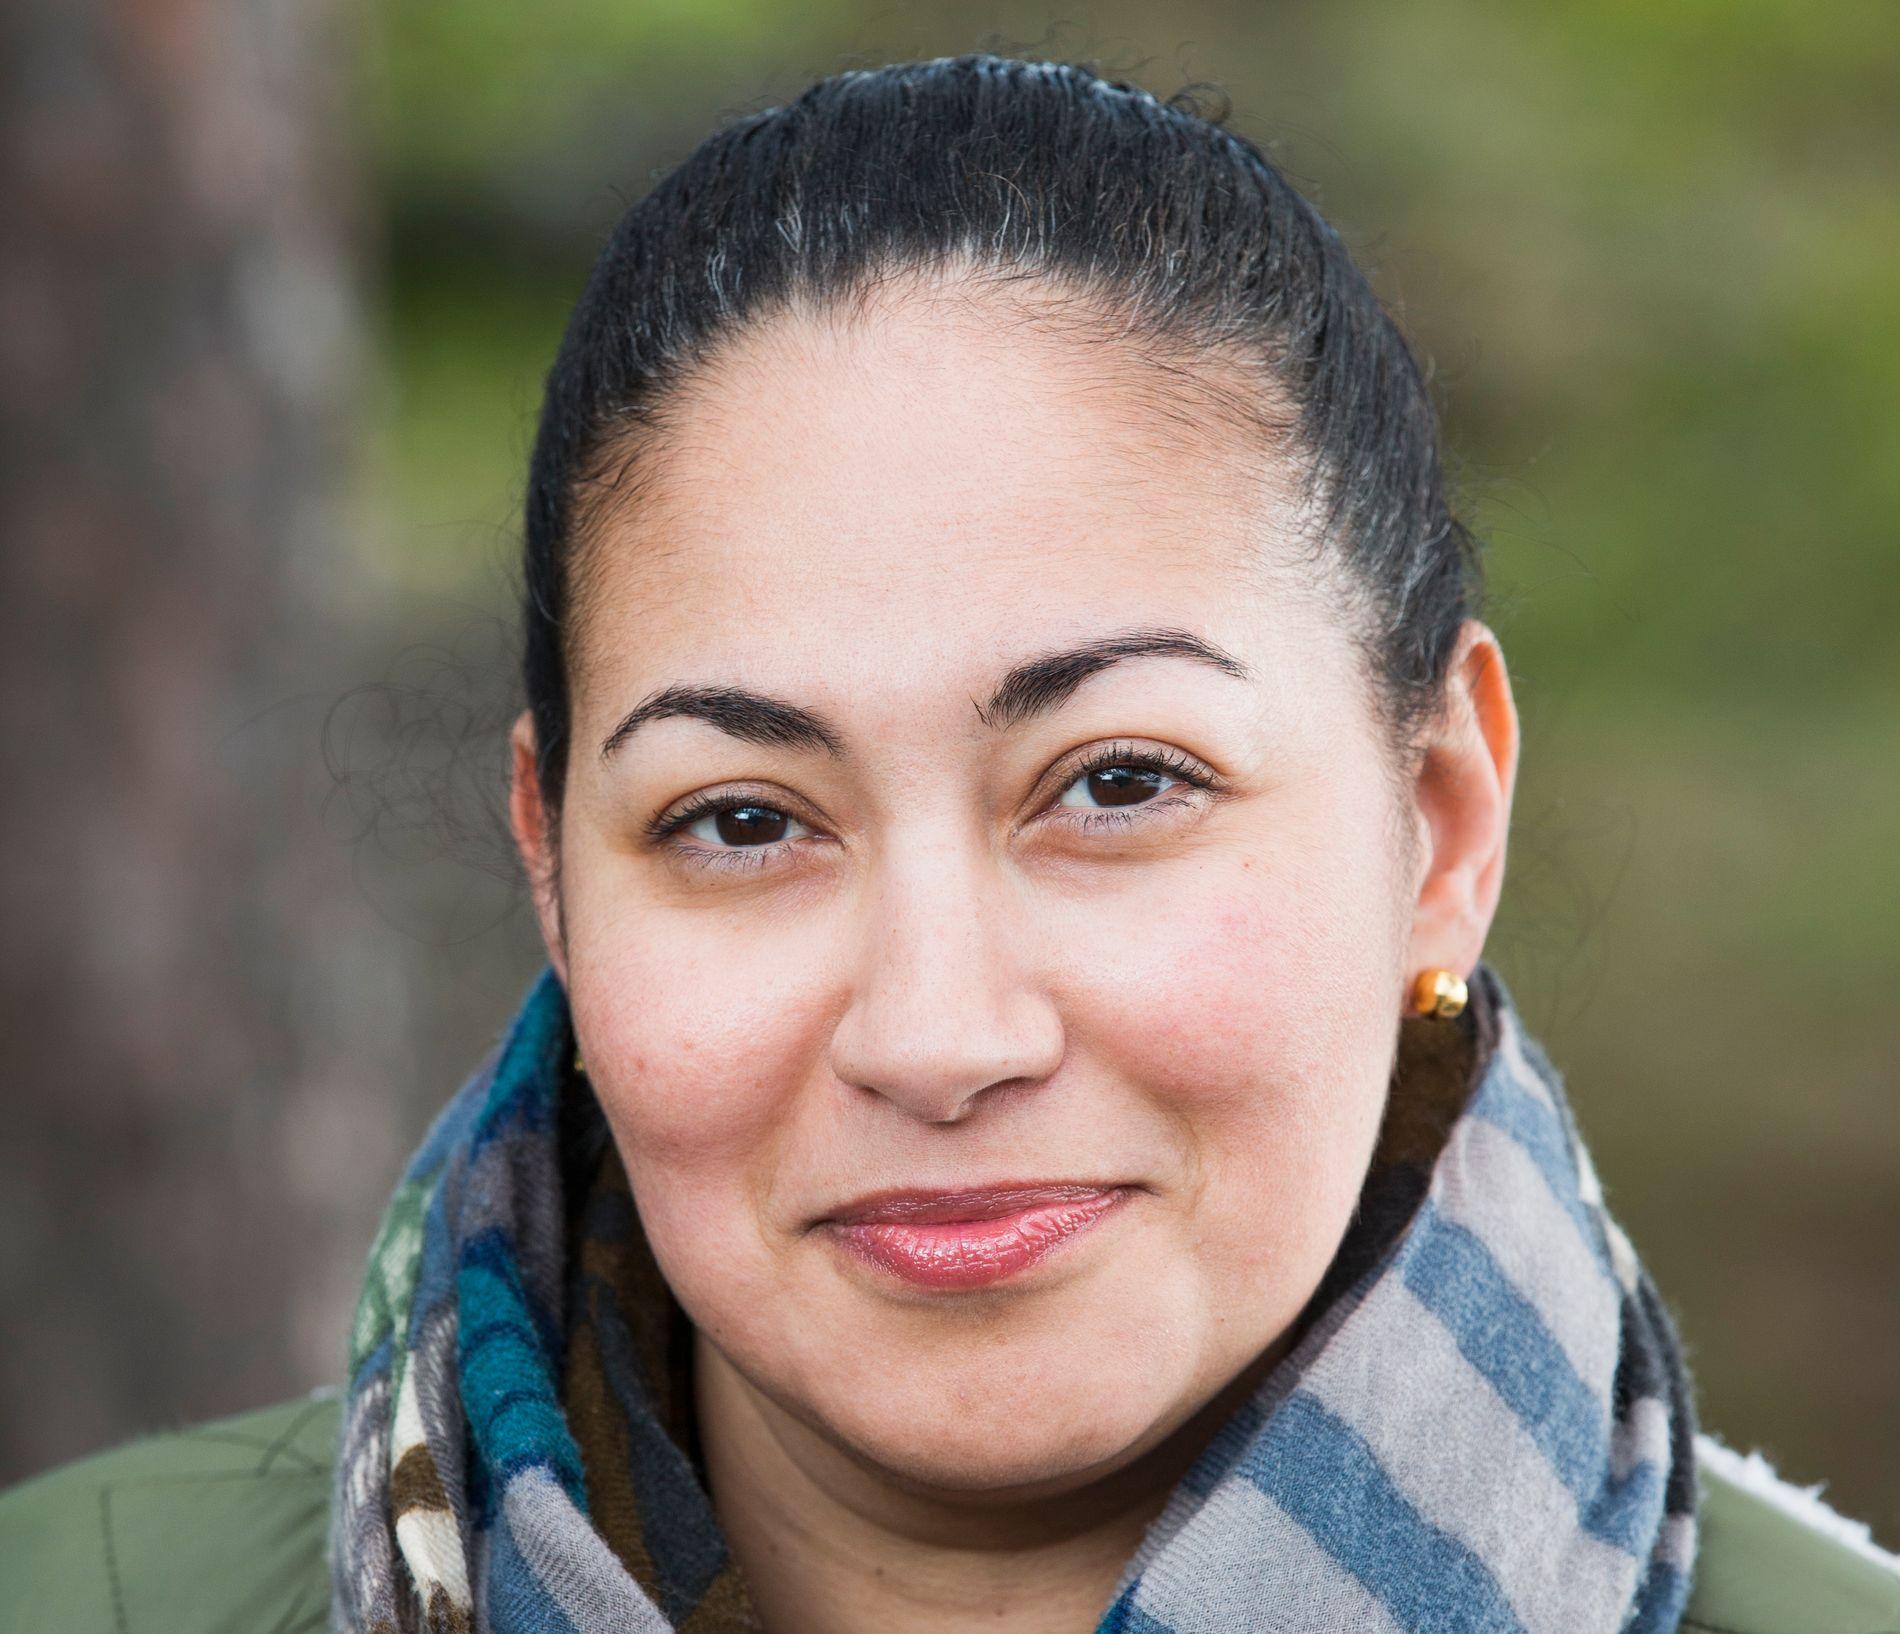 NY STORDALEN-SJEF: Sarah Natasha Melbye (42) sier opp jobben i Juritzen forlag og blir forlagssjef i Stordalen-forlagene Pilar og Capitana.